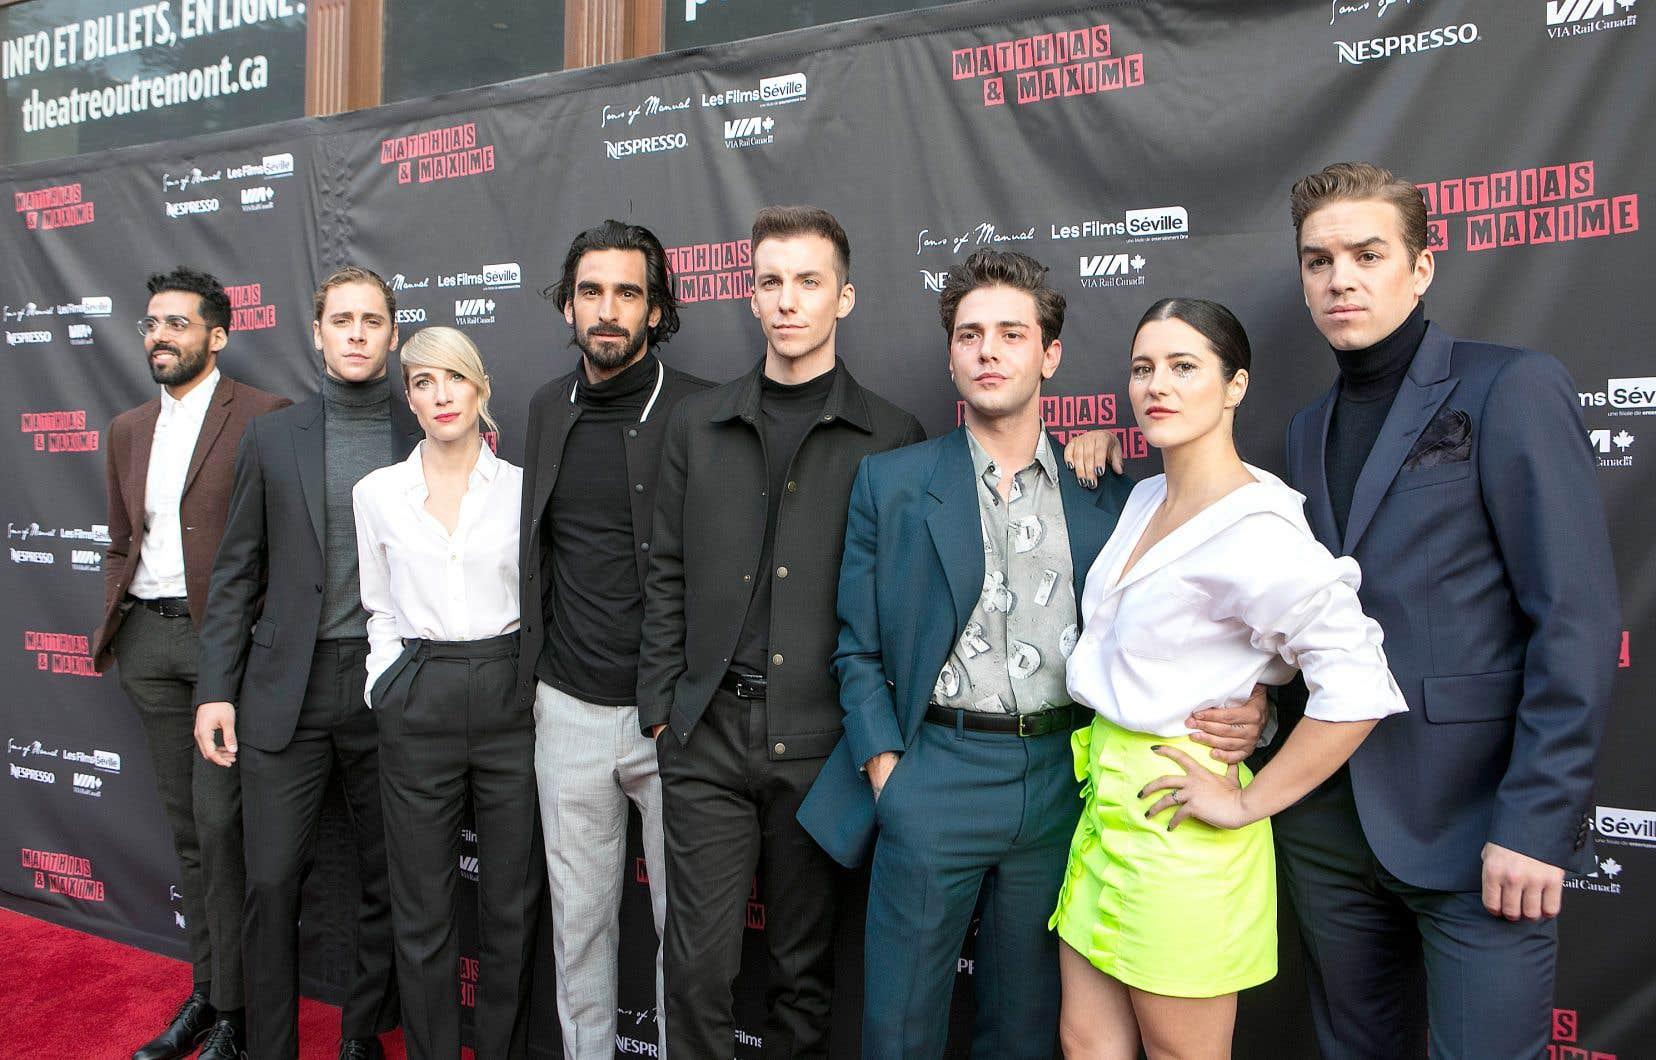 À la base, comme l'a indiqué Xavier Dolan lors de la première à Cannes, le projet est né d'un besoin, d'abord inconscient puis affirmé, de consacrer un film à ses amis, qui l'entouraient sur le tapis rouge lundi, soir de grande première à Montréal.